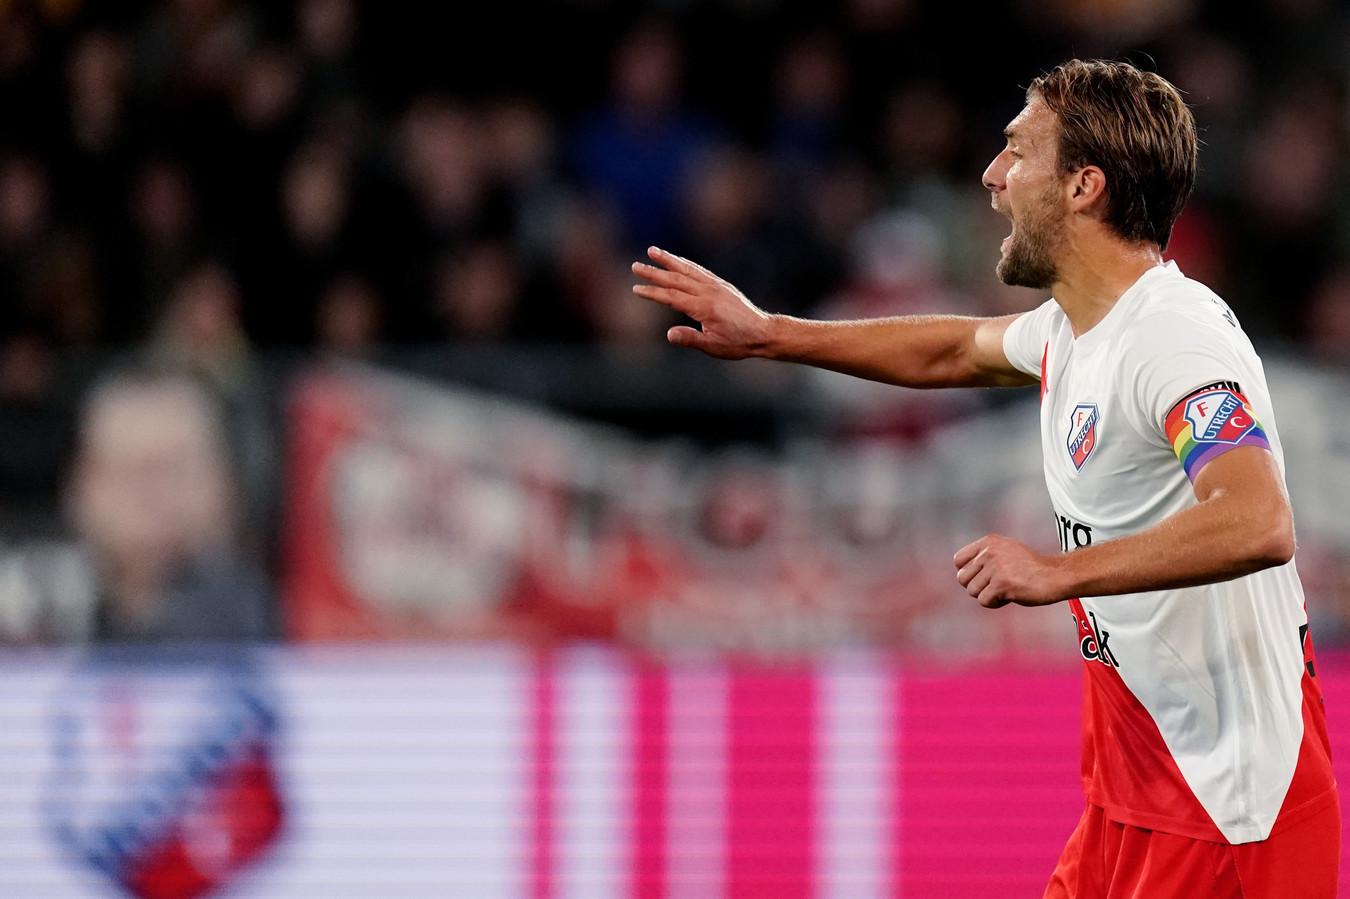 Willem Janssen droeg tijdens FC Utrecht-PSV de regenboogkleurige aanvoerdersband namens de thuisclub.